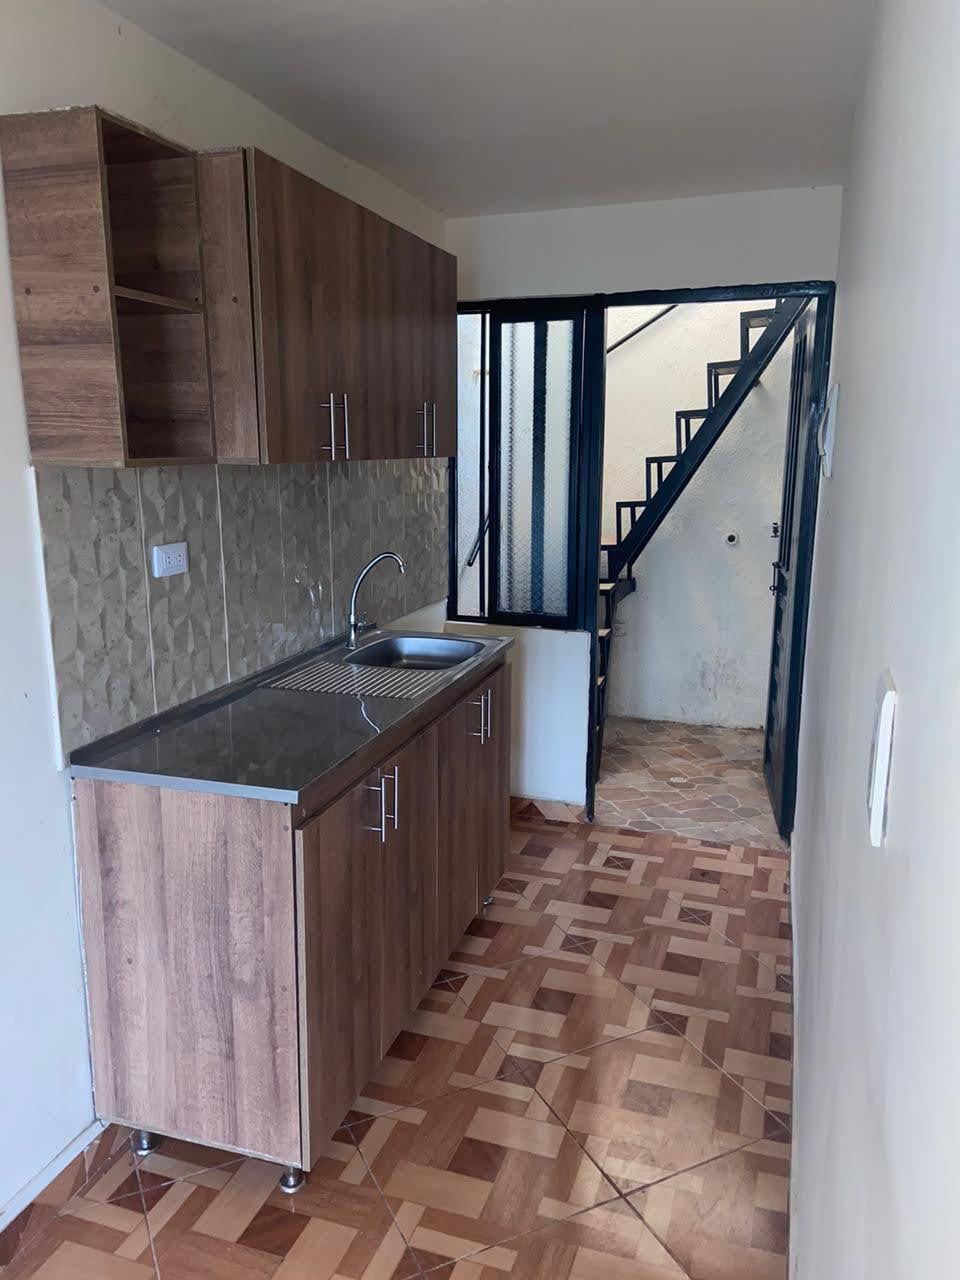 CV-0561 Se vende casa en Chinchiná, con renta, excelente ubicación.